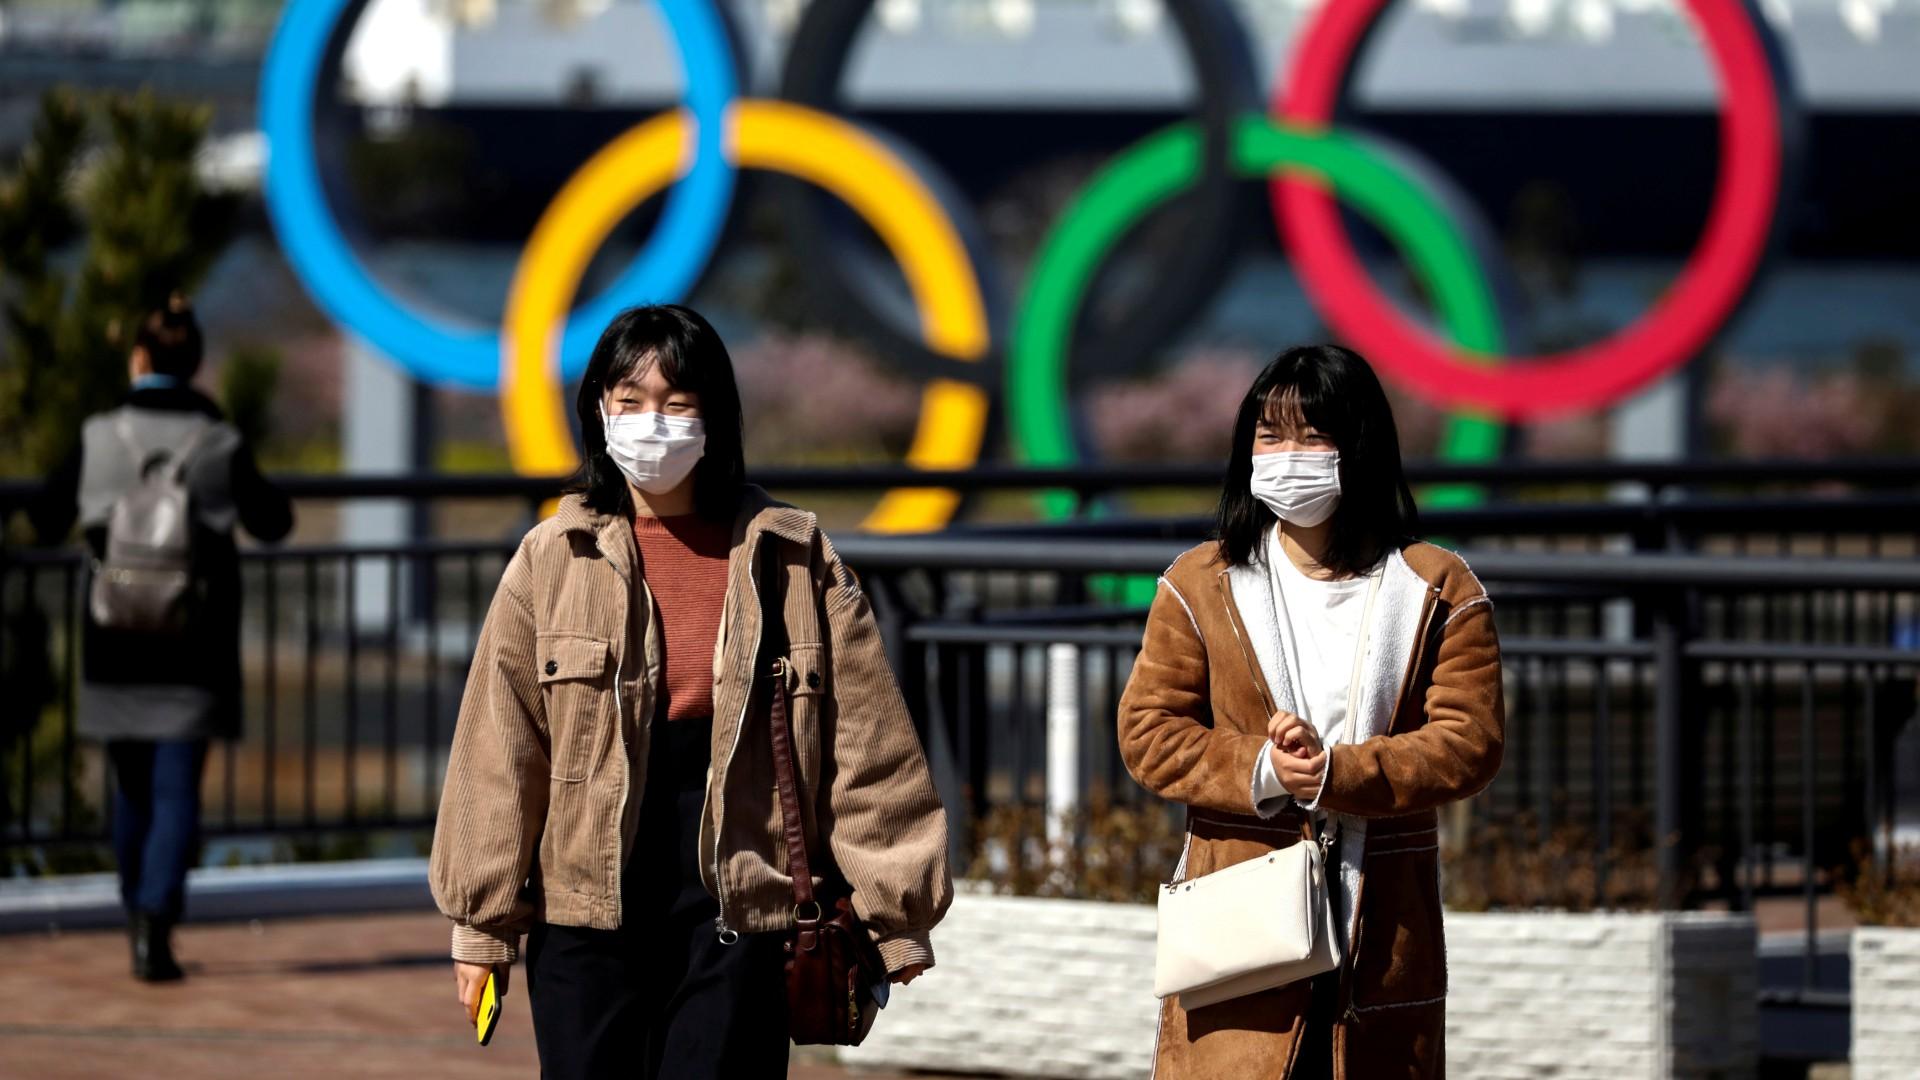 Las medidas sanitarias de los Juegos Olímpicos Tokio 2020